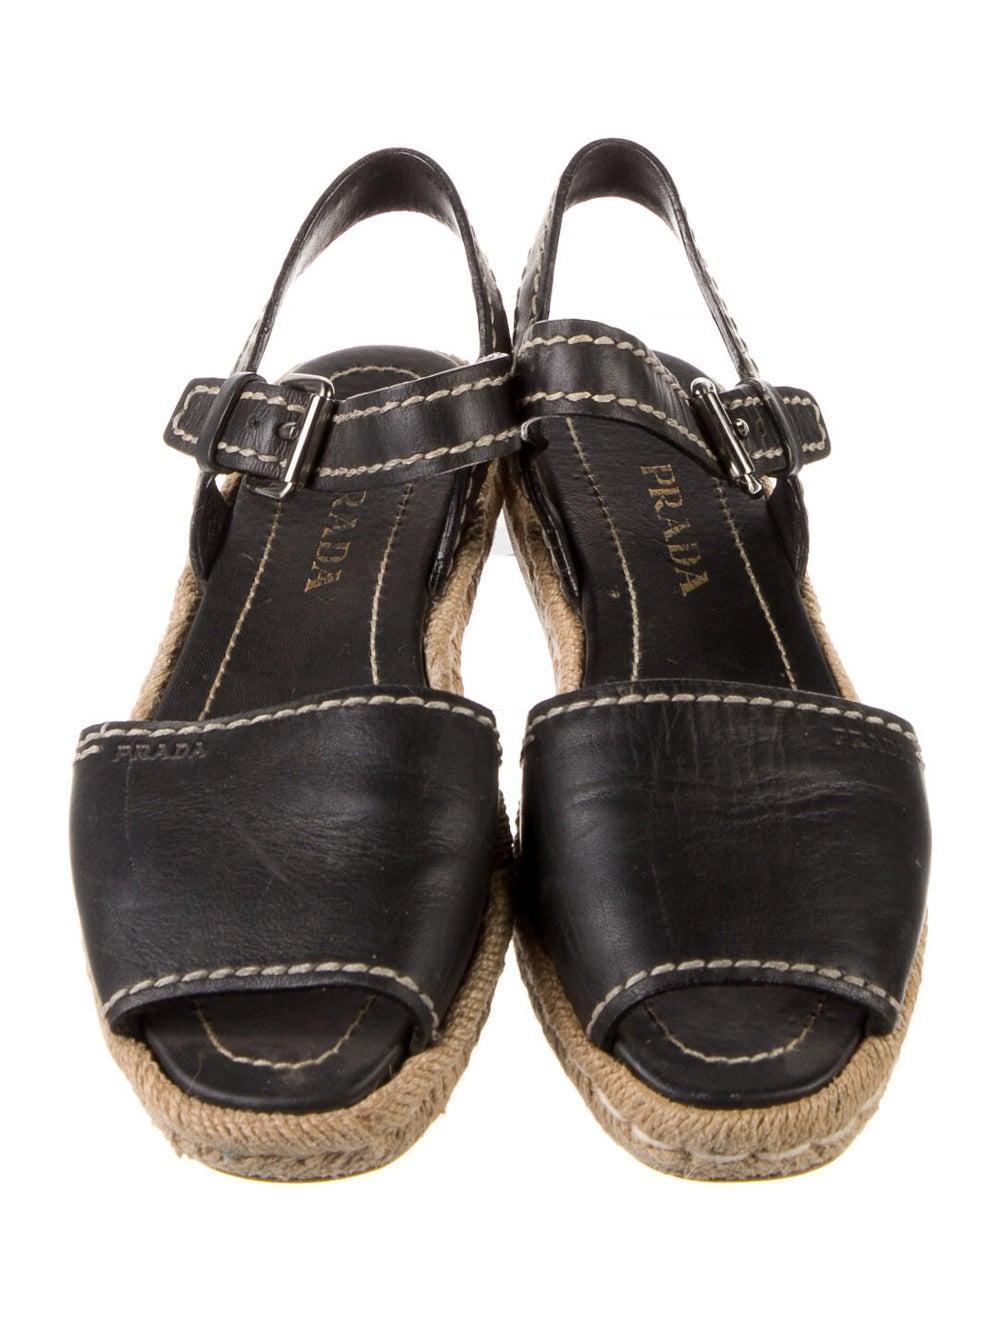 Prada Leather Espadrilles Black - image 3